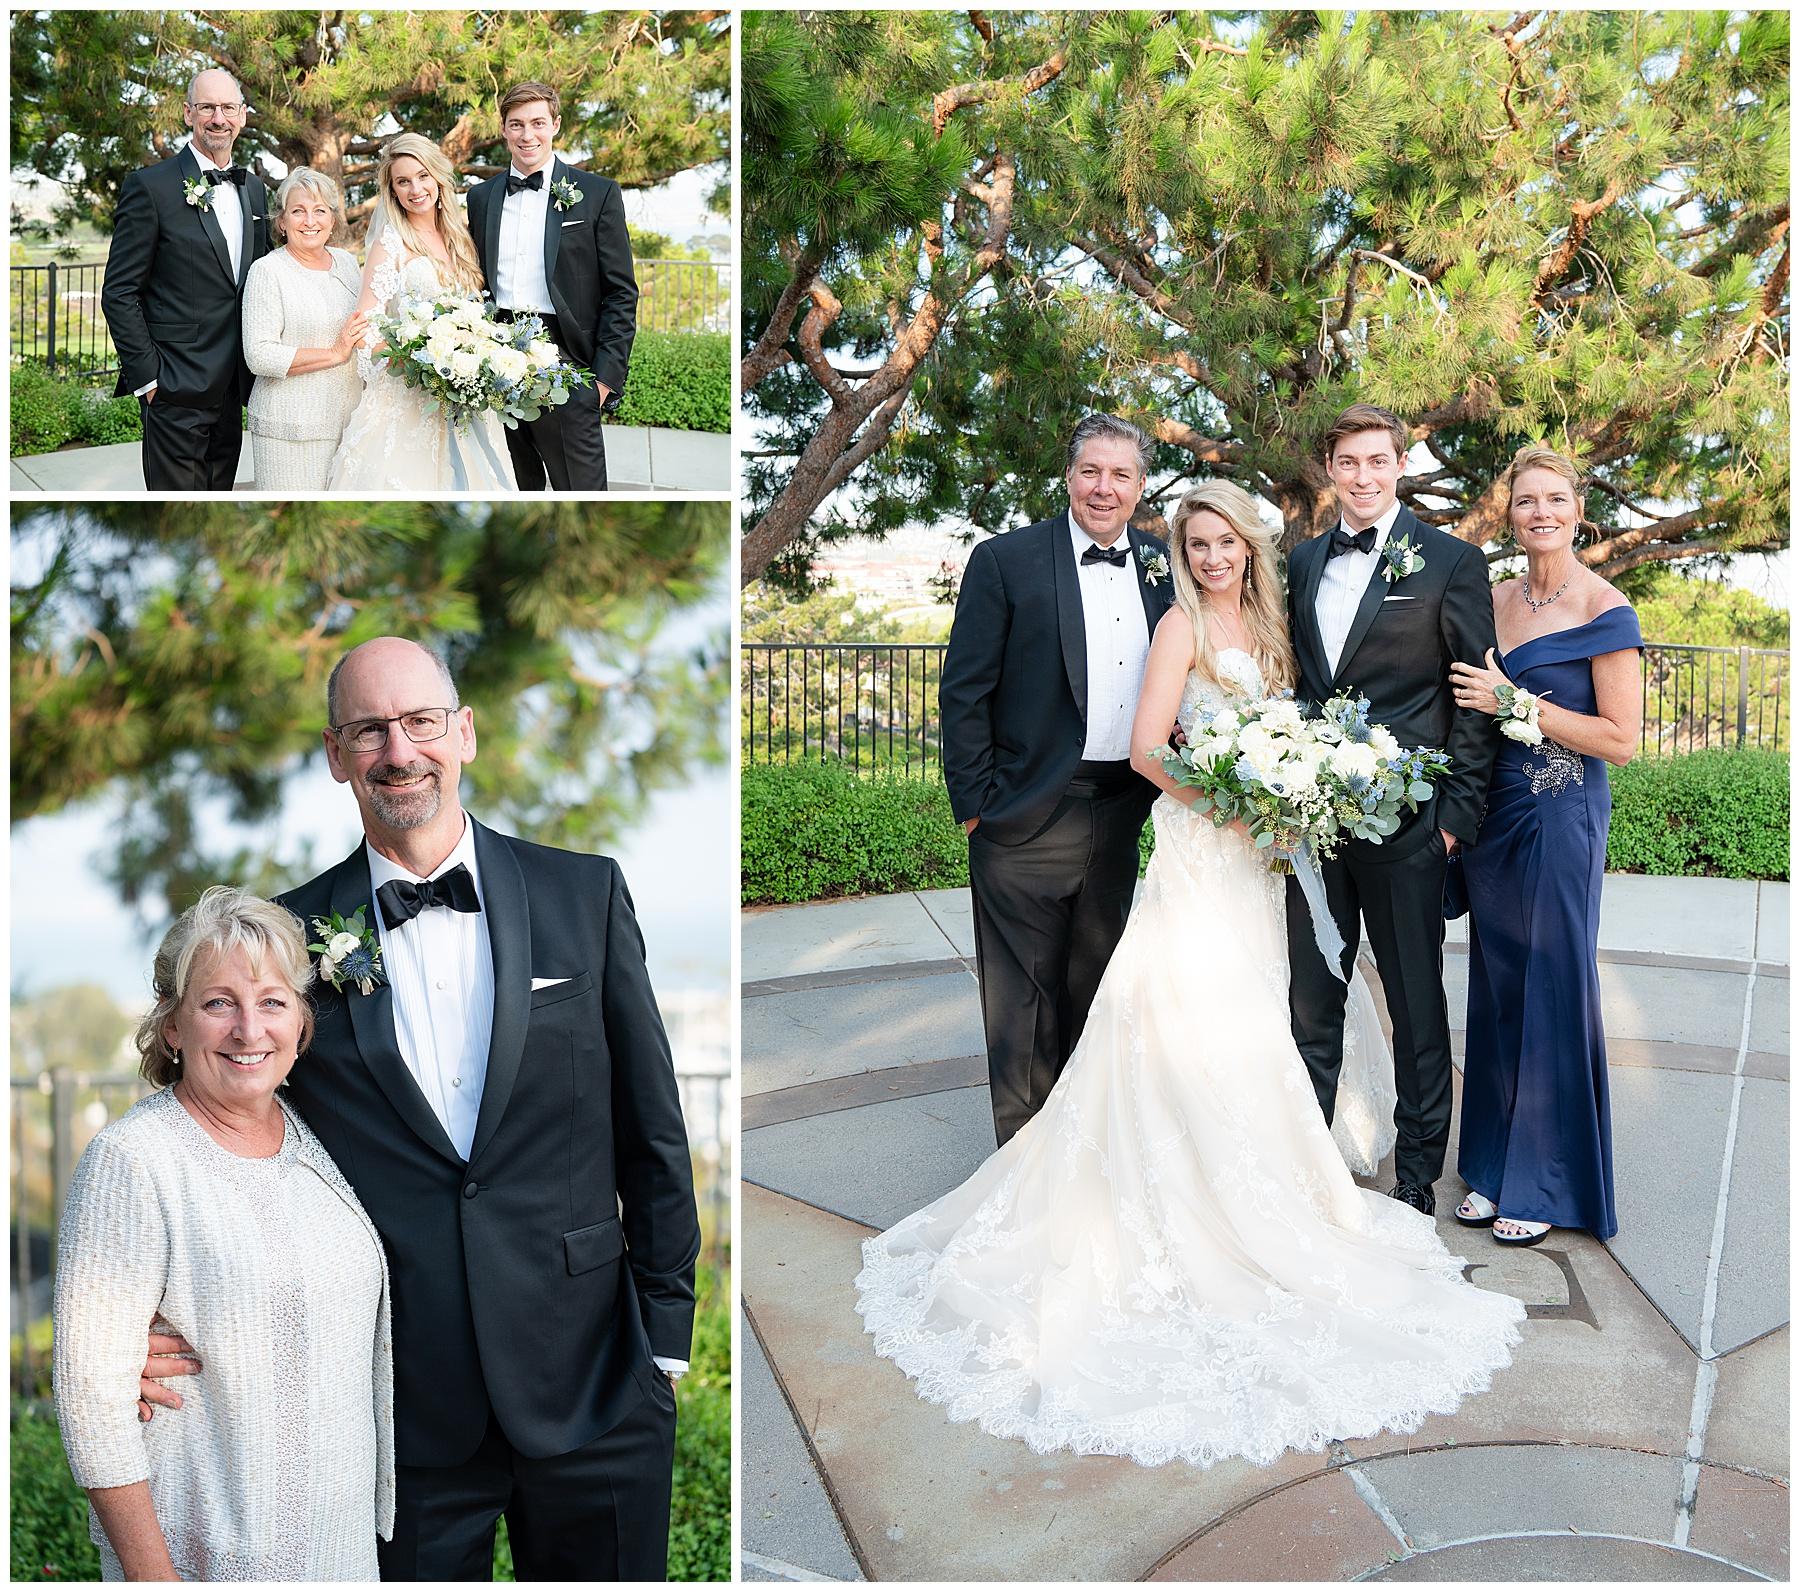 doris walker overlook wedding